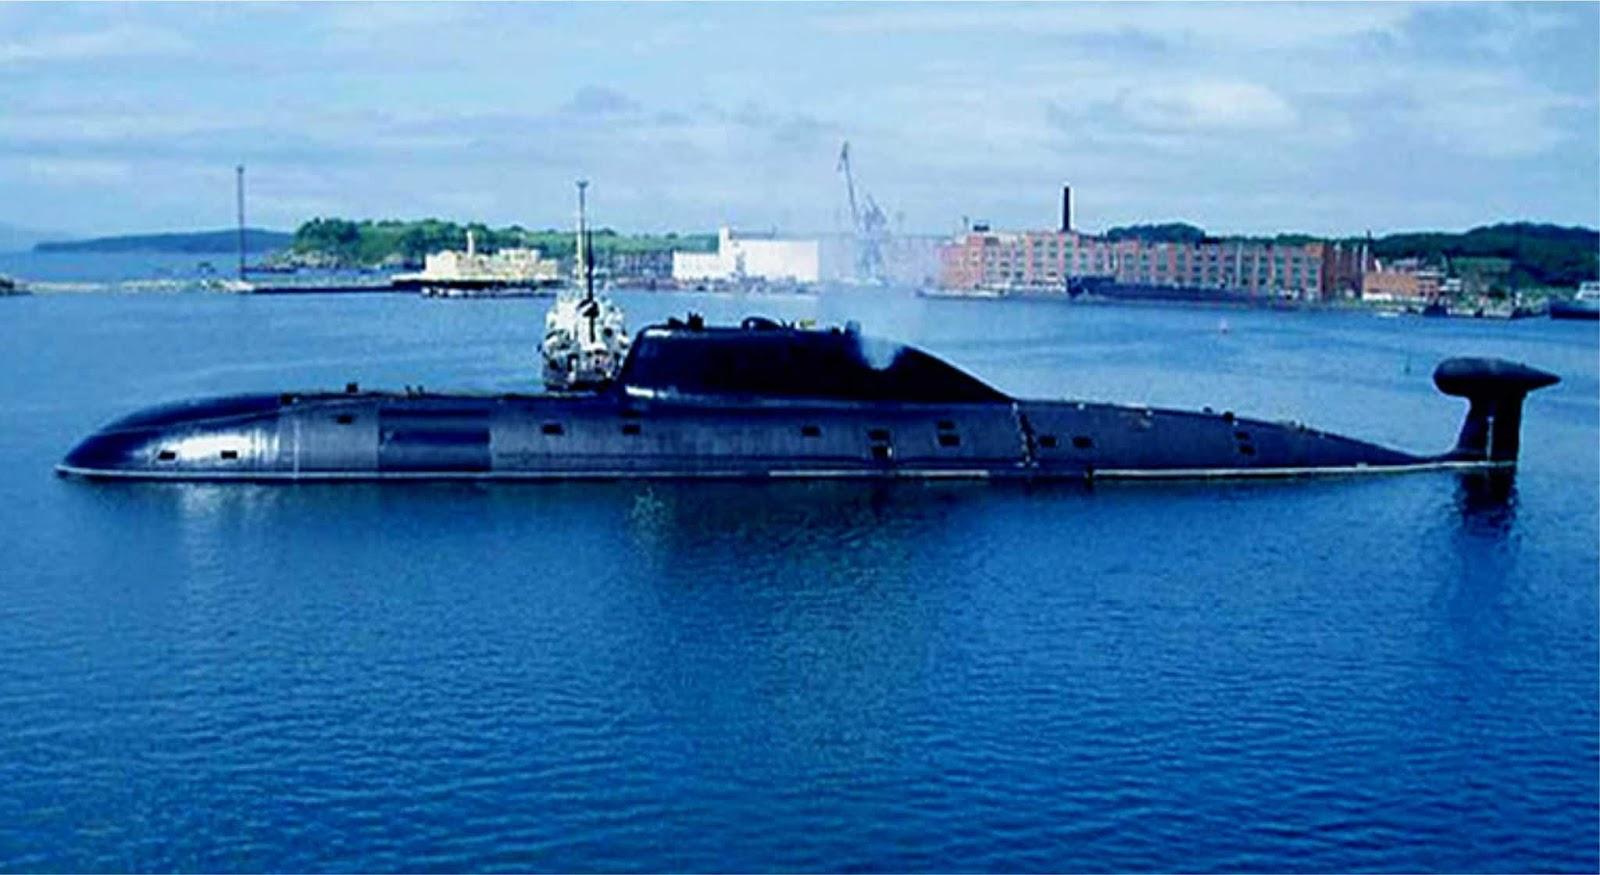 Kapal selam nuklir pertama India Arihant menyelesaikan patroli laut perdana